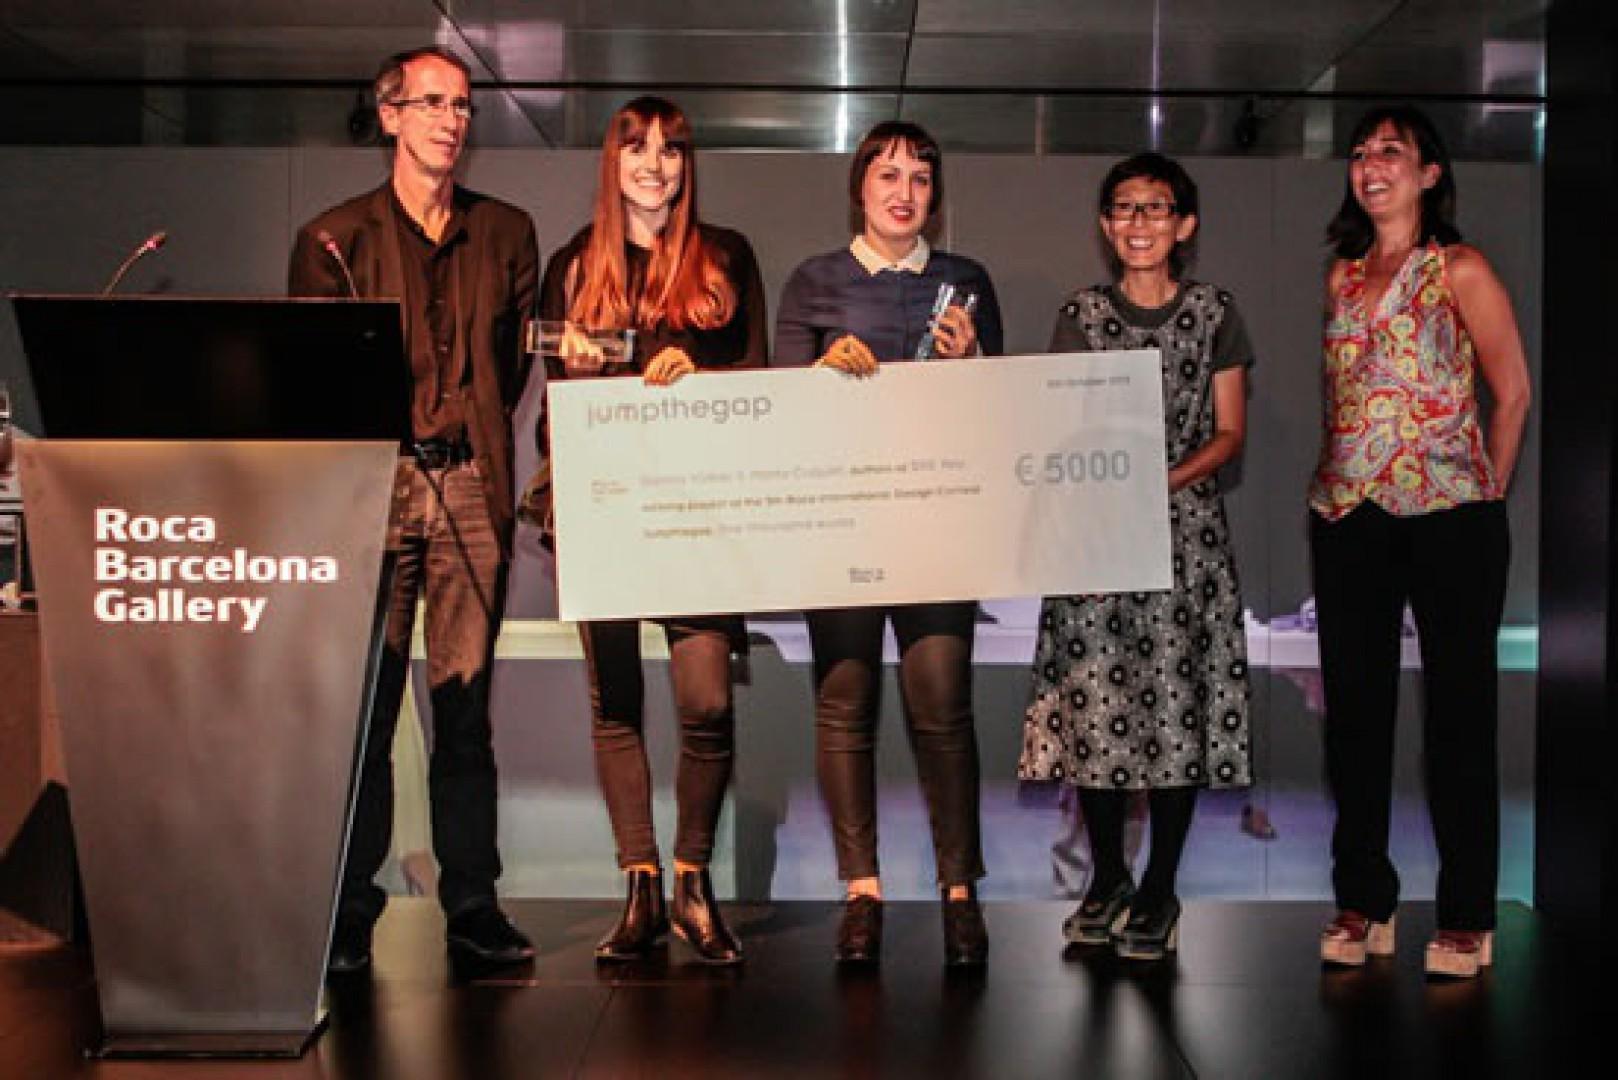 Na zdjęciu przedstawiciele firmy w towarzystwie Marty Cuquet i Sanny Völker - zwycięzców poprzedniej edycji konkursu. Fot. Roca